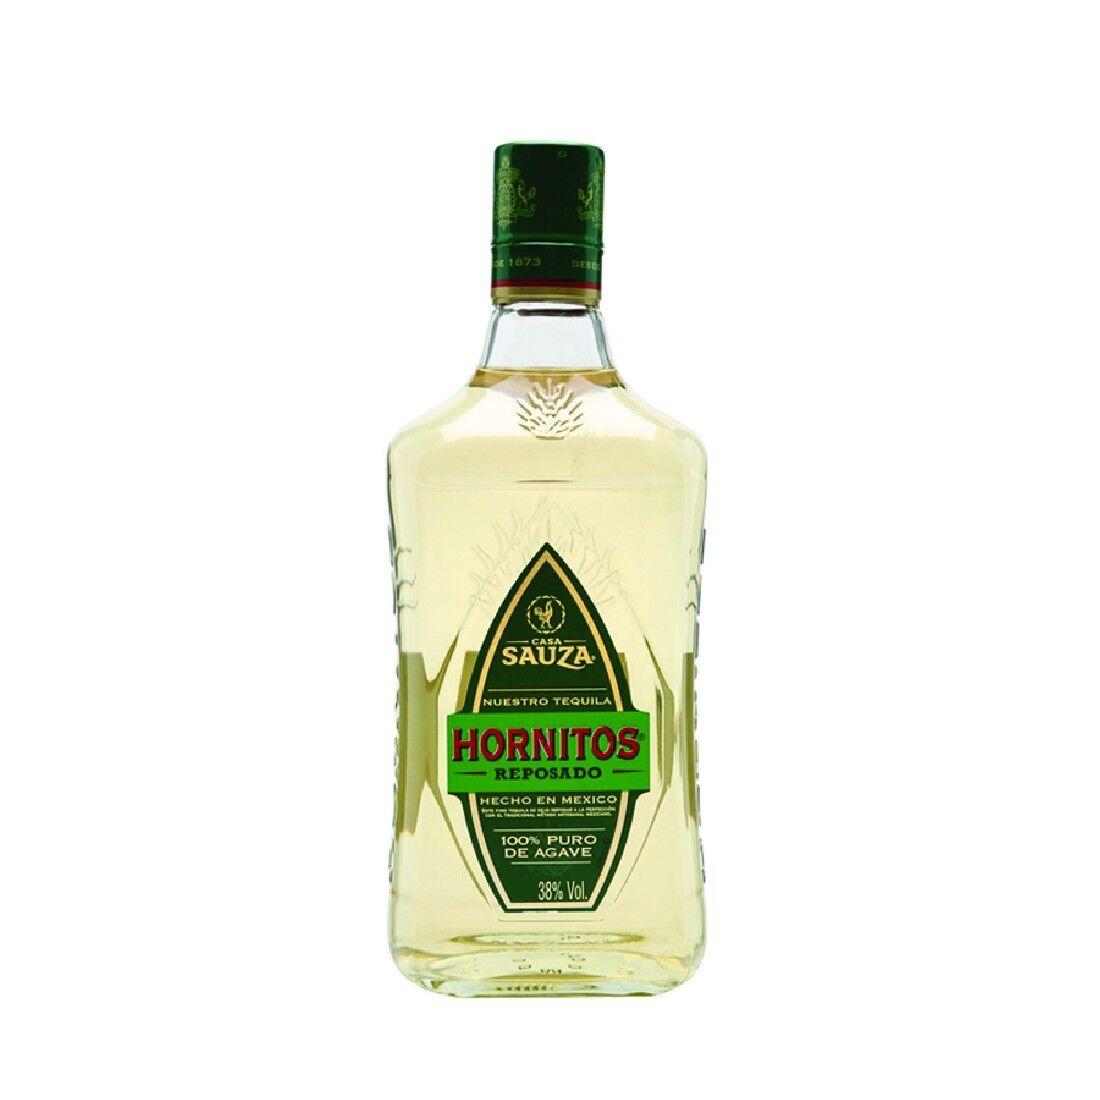 Tequila Sauza Hornitos Reposado [1 lt]